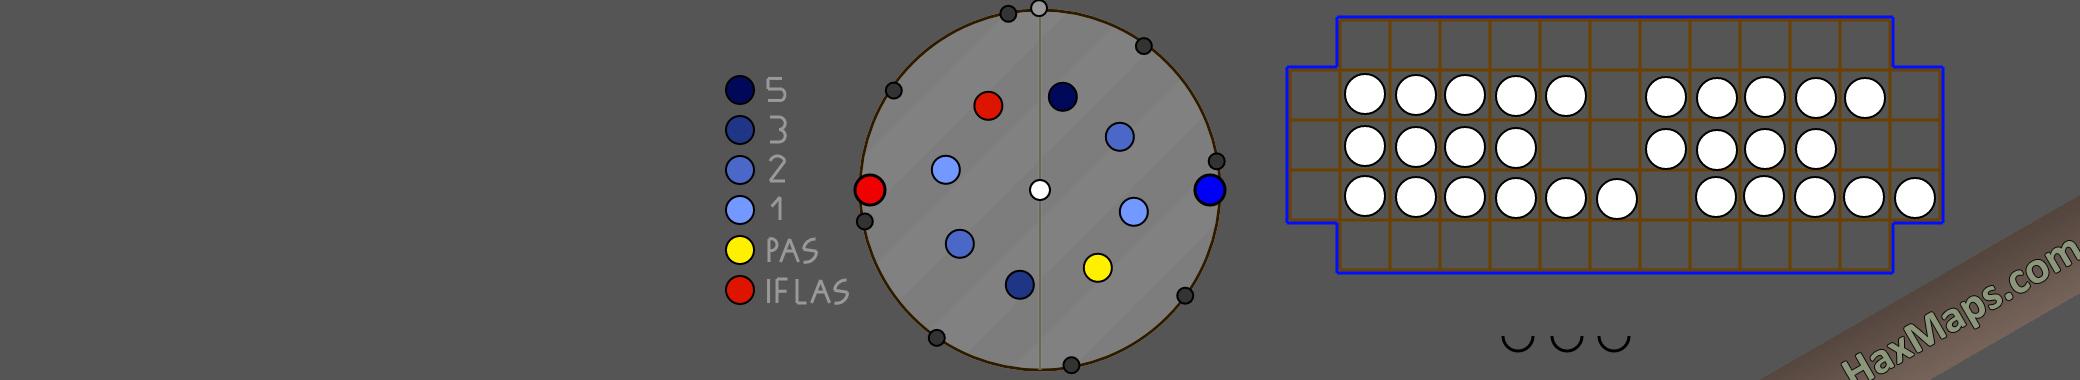 hax ball maps | Çarkıfelek S1 | Whell by Vhagar